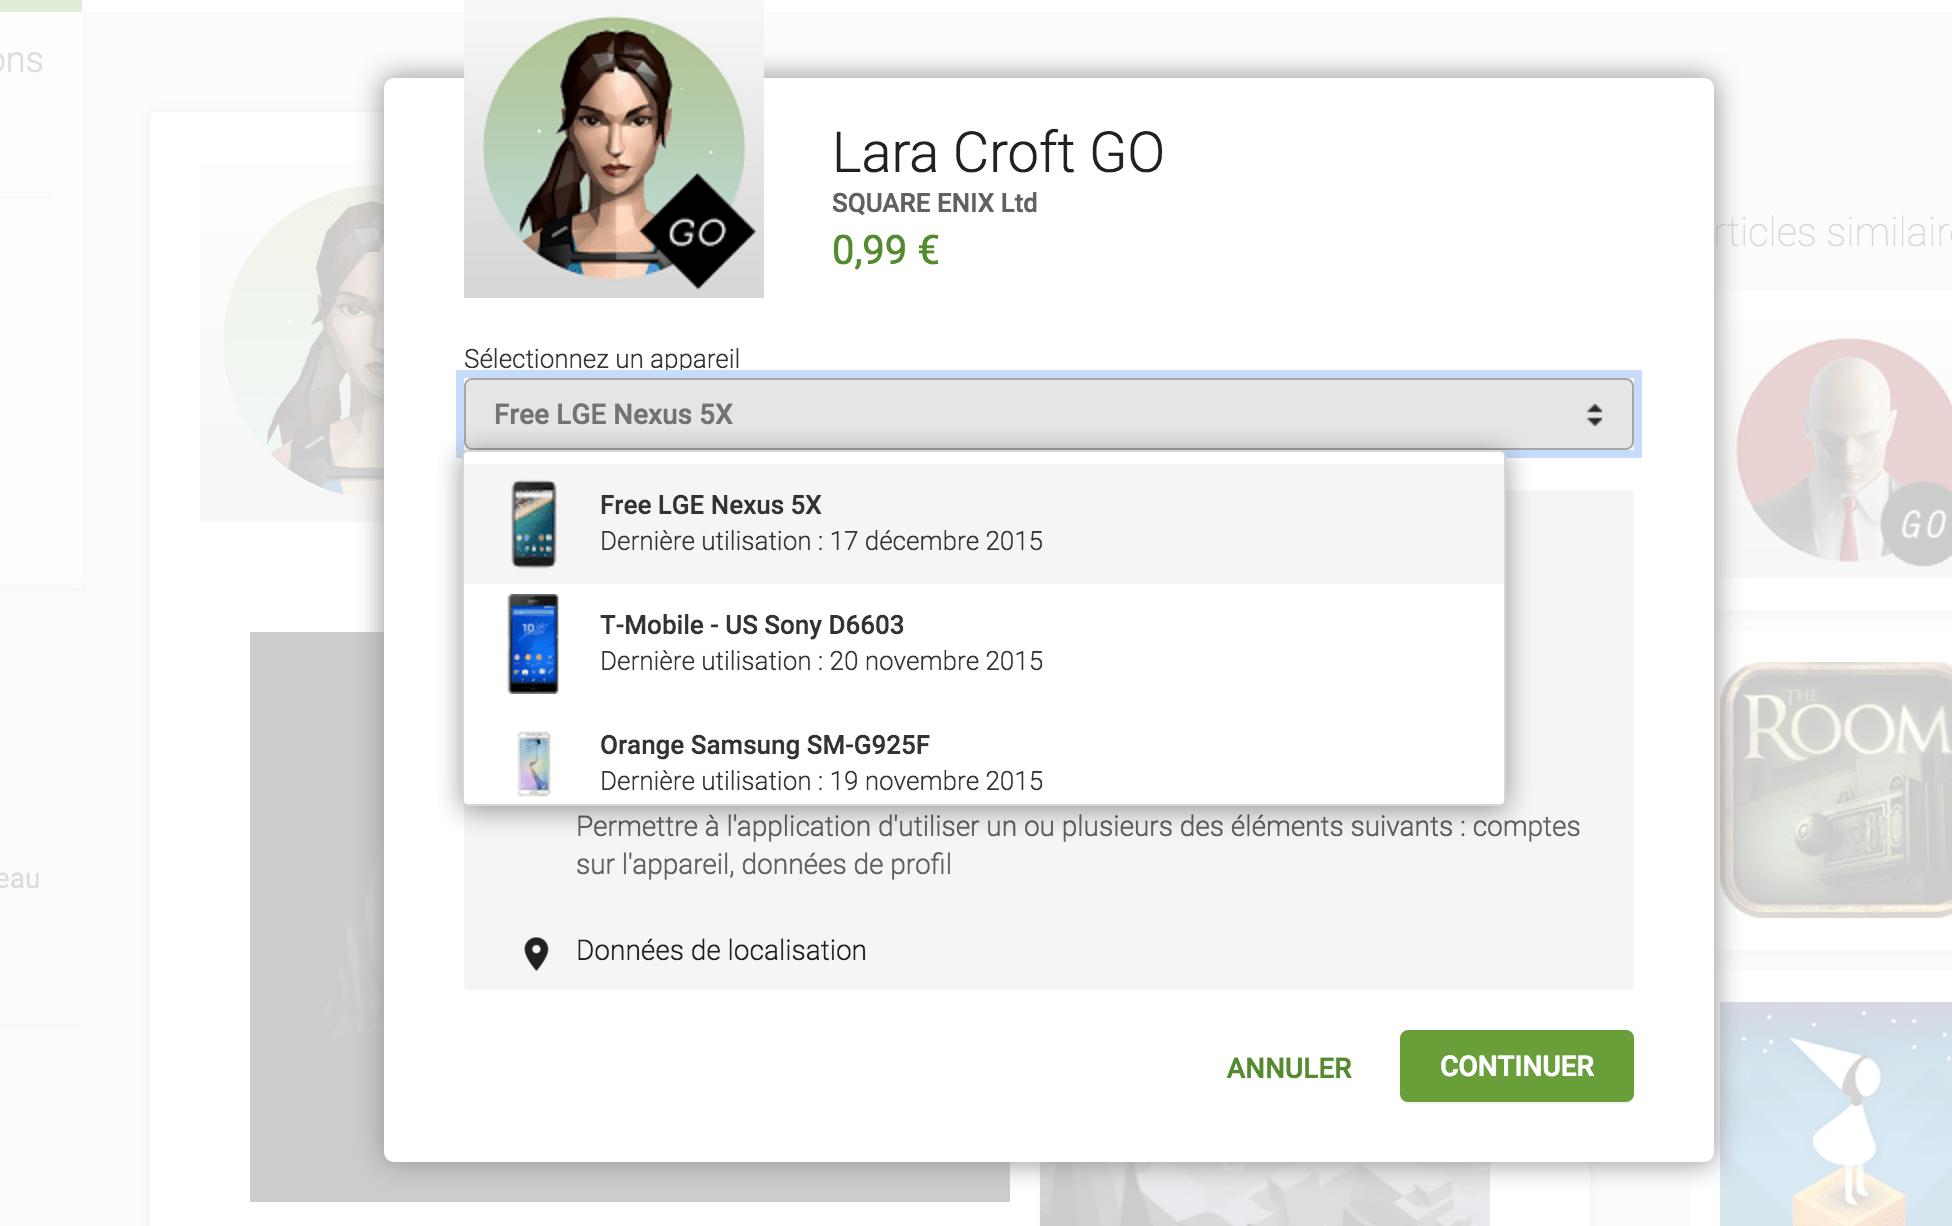 Lara Croft GO à 0,99 euro, vous n'avez plus aucune raison de ne pas craquer